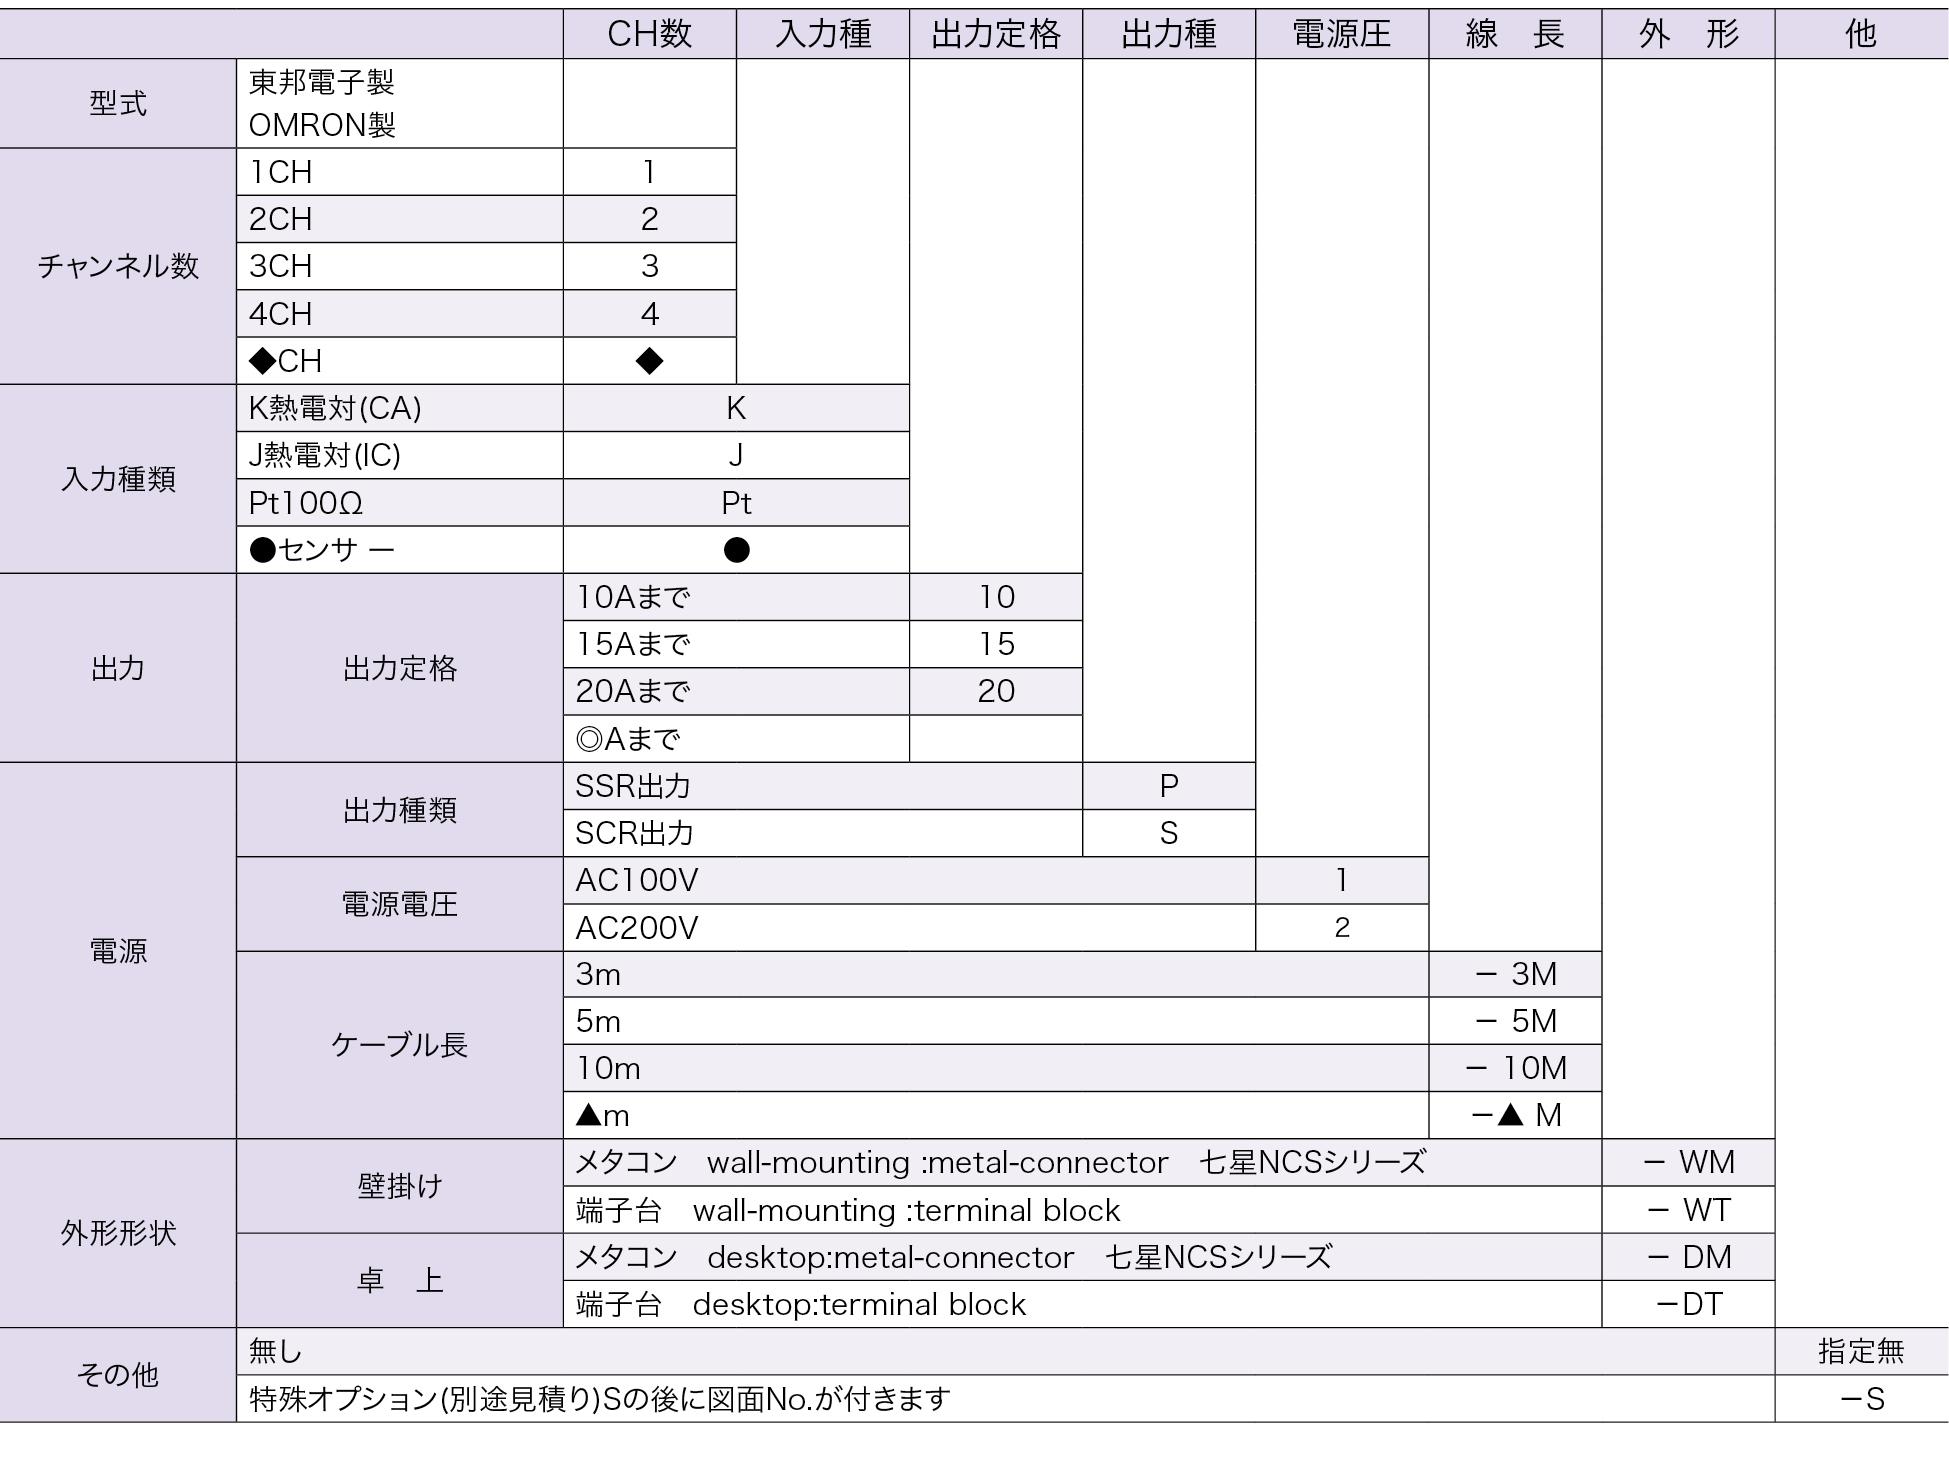 温調器型式基準表